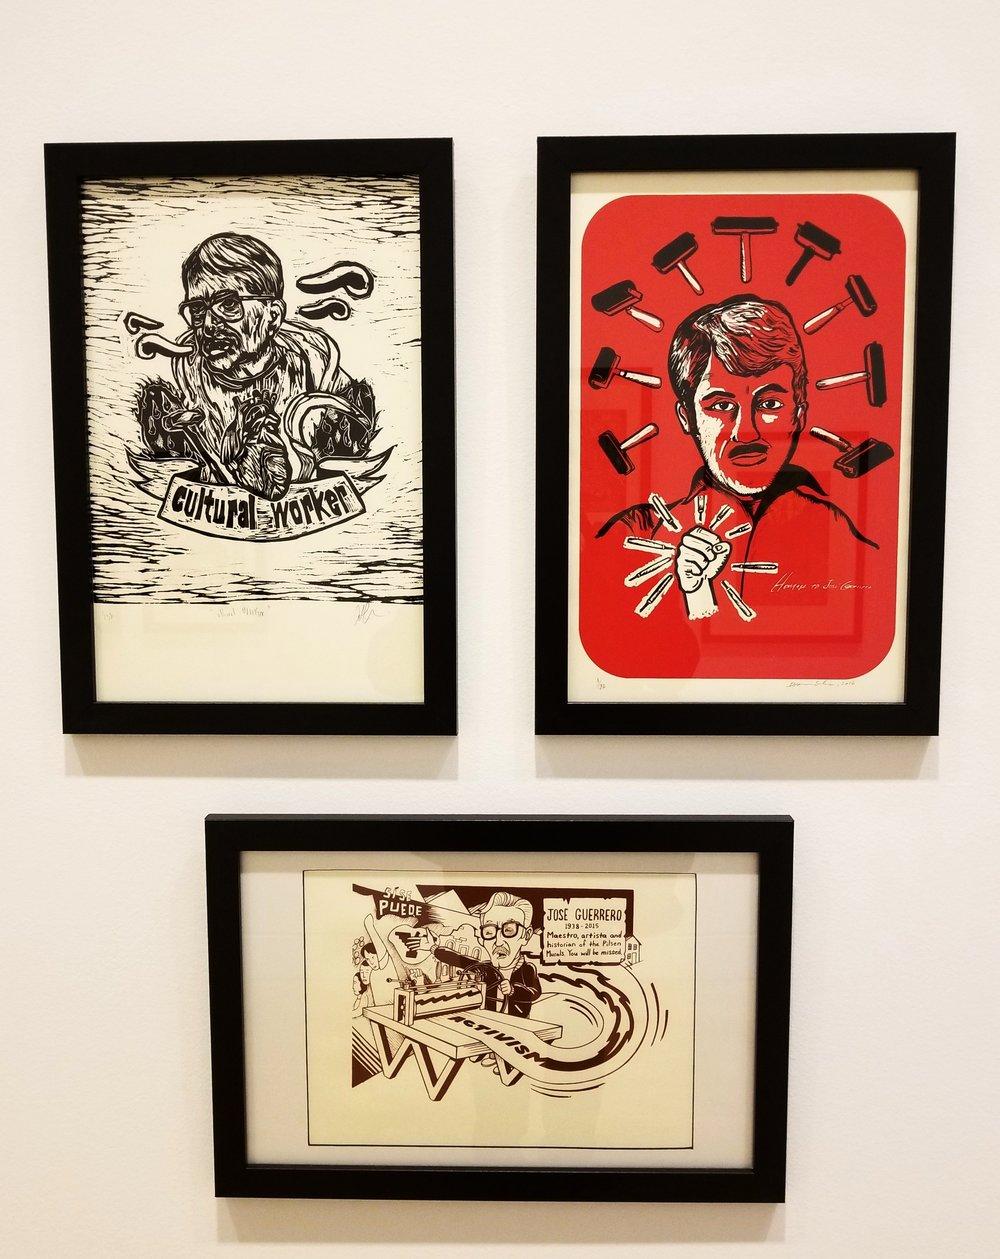 CULTURAL WORKER, 2016 Antonio Pazaran,UNTITLED, 2016 Diana Solis & (bottom) MAESTRO GUERRERO, 2016 Eric Garcia